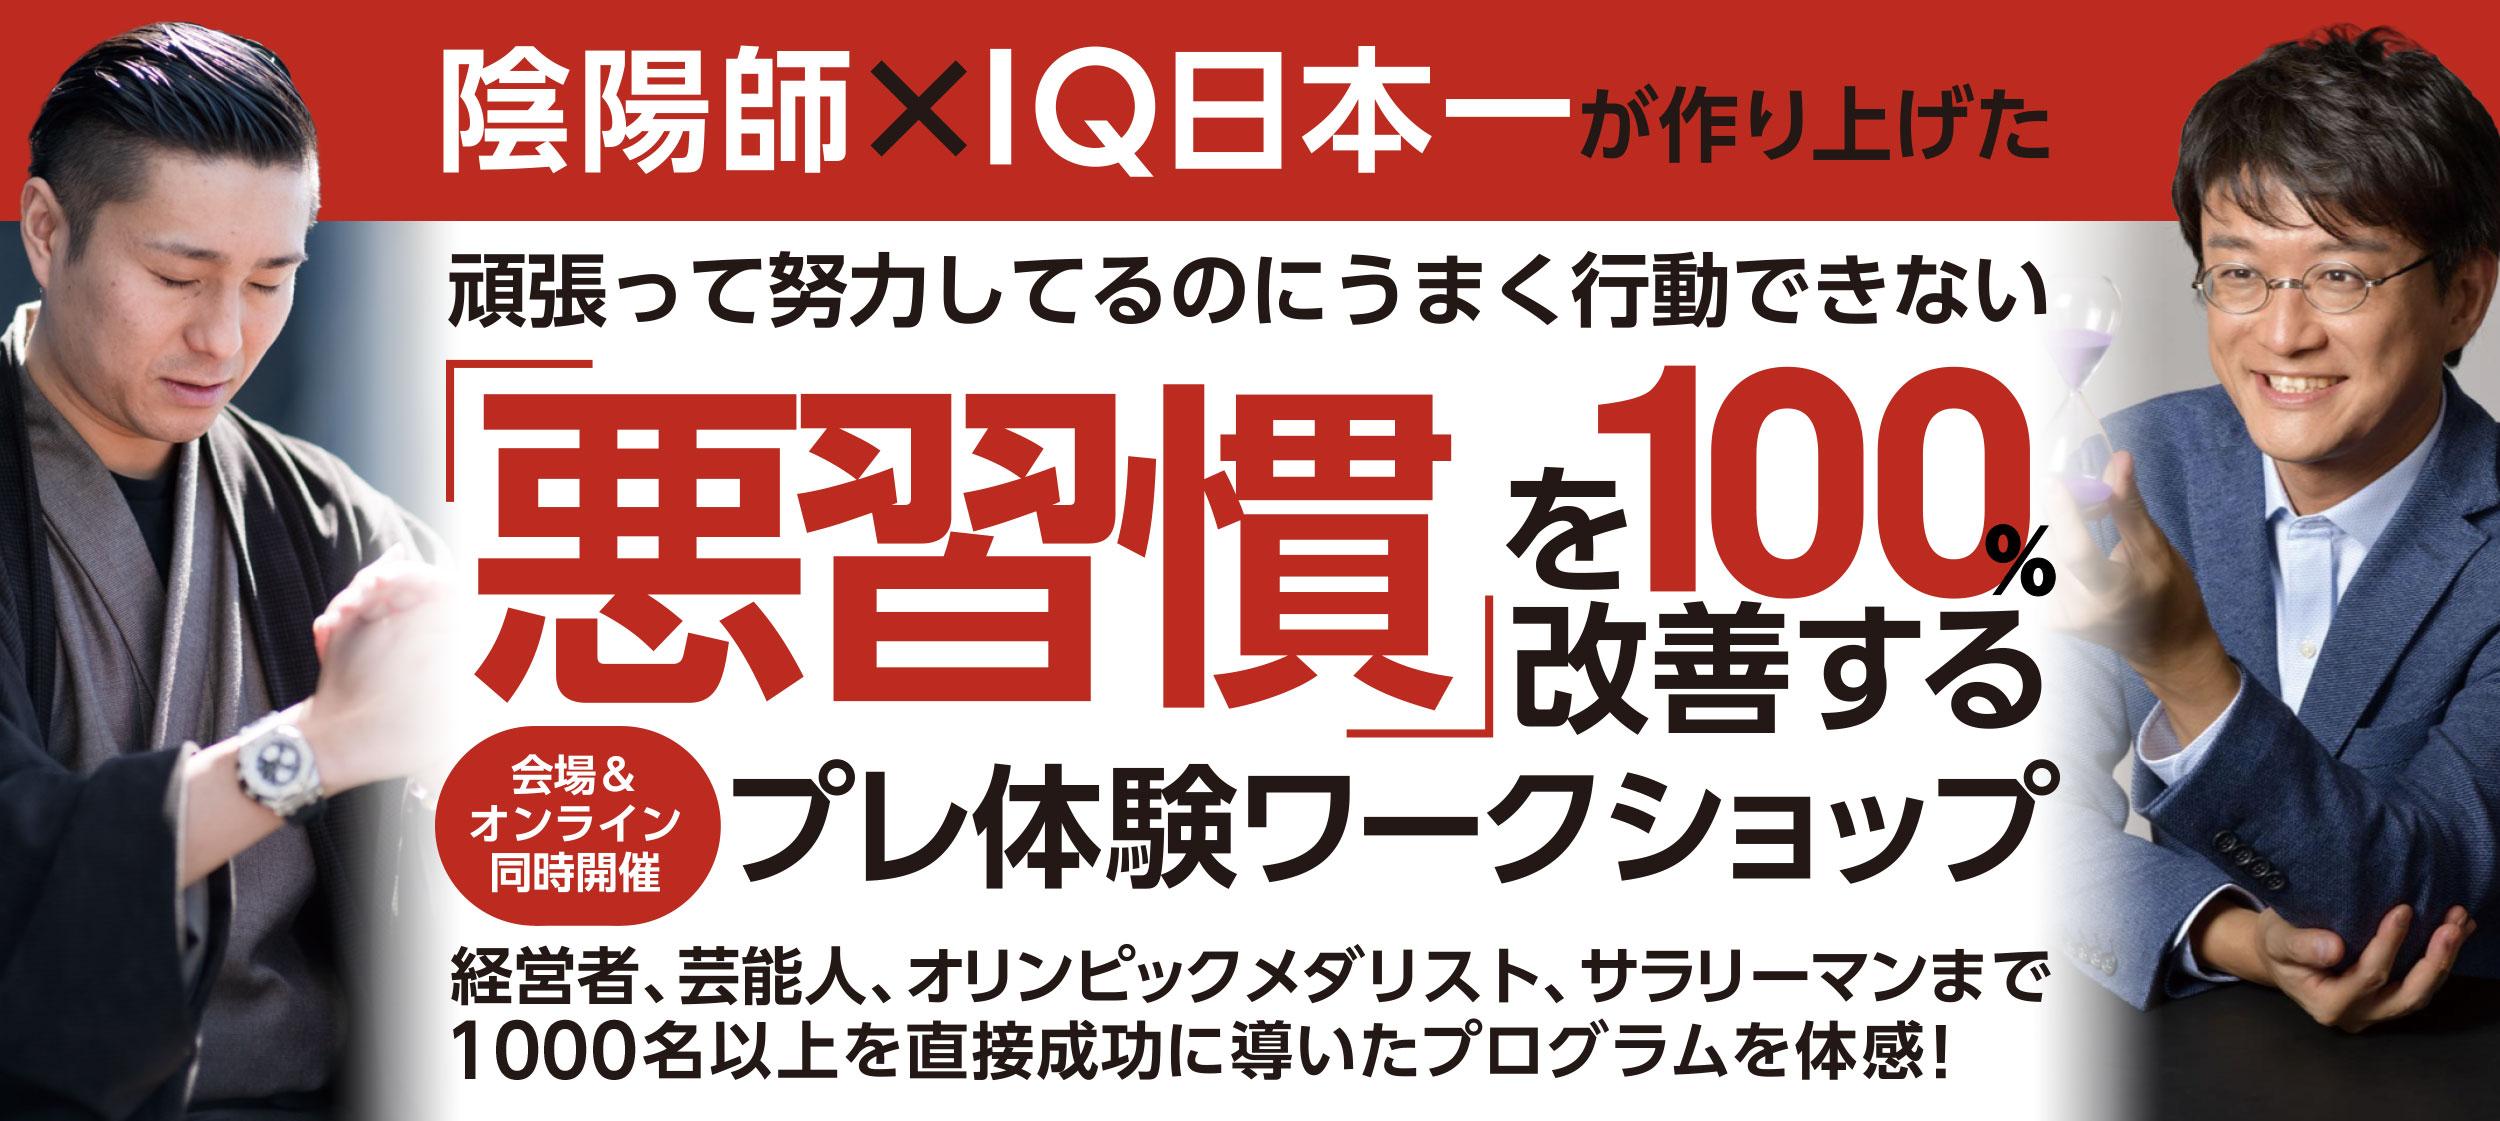 陰陽師、IQ日本一が作り上げた悪習慣改善ワークショップ